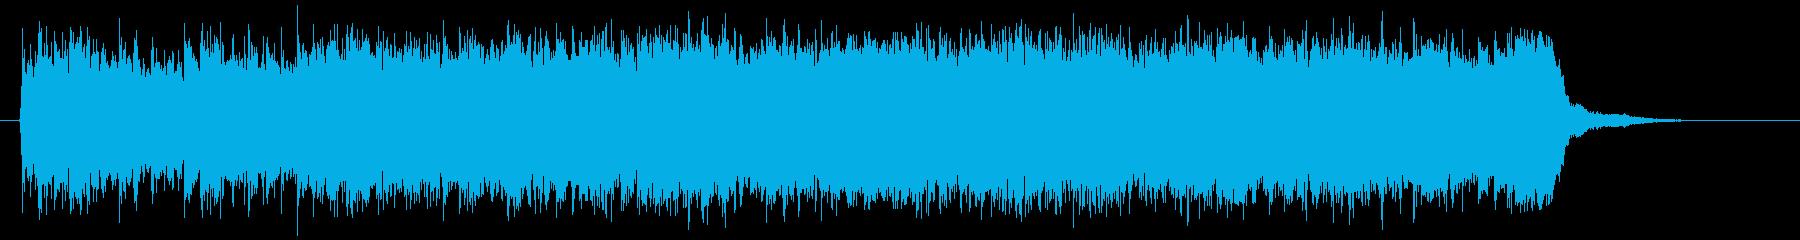 壮大で悠長なシンセポップジングルの再生済みの波形